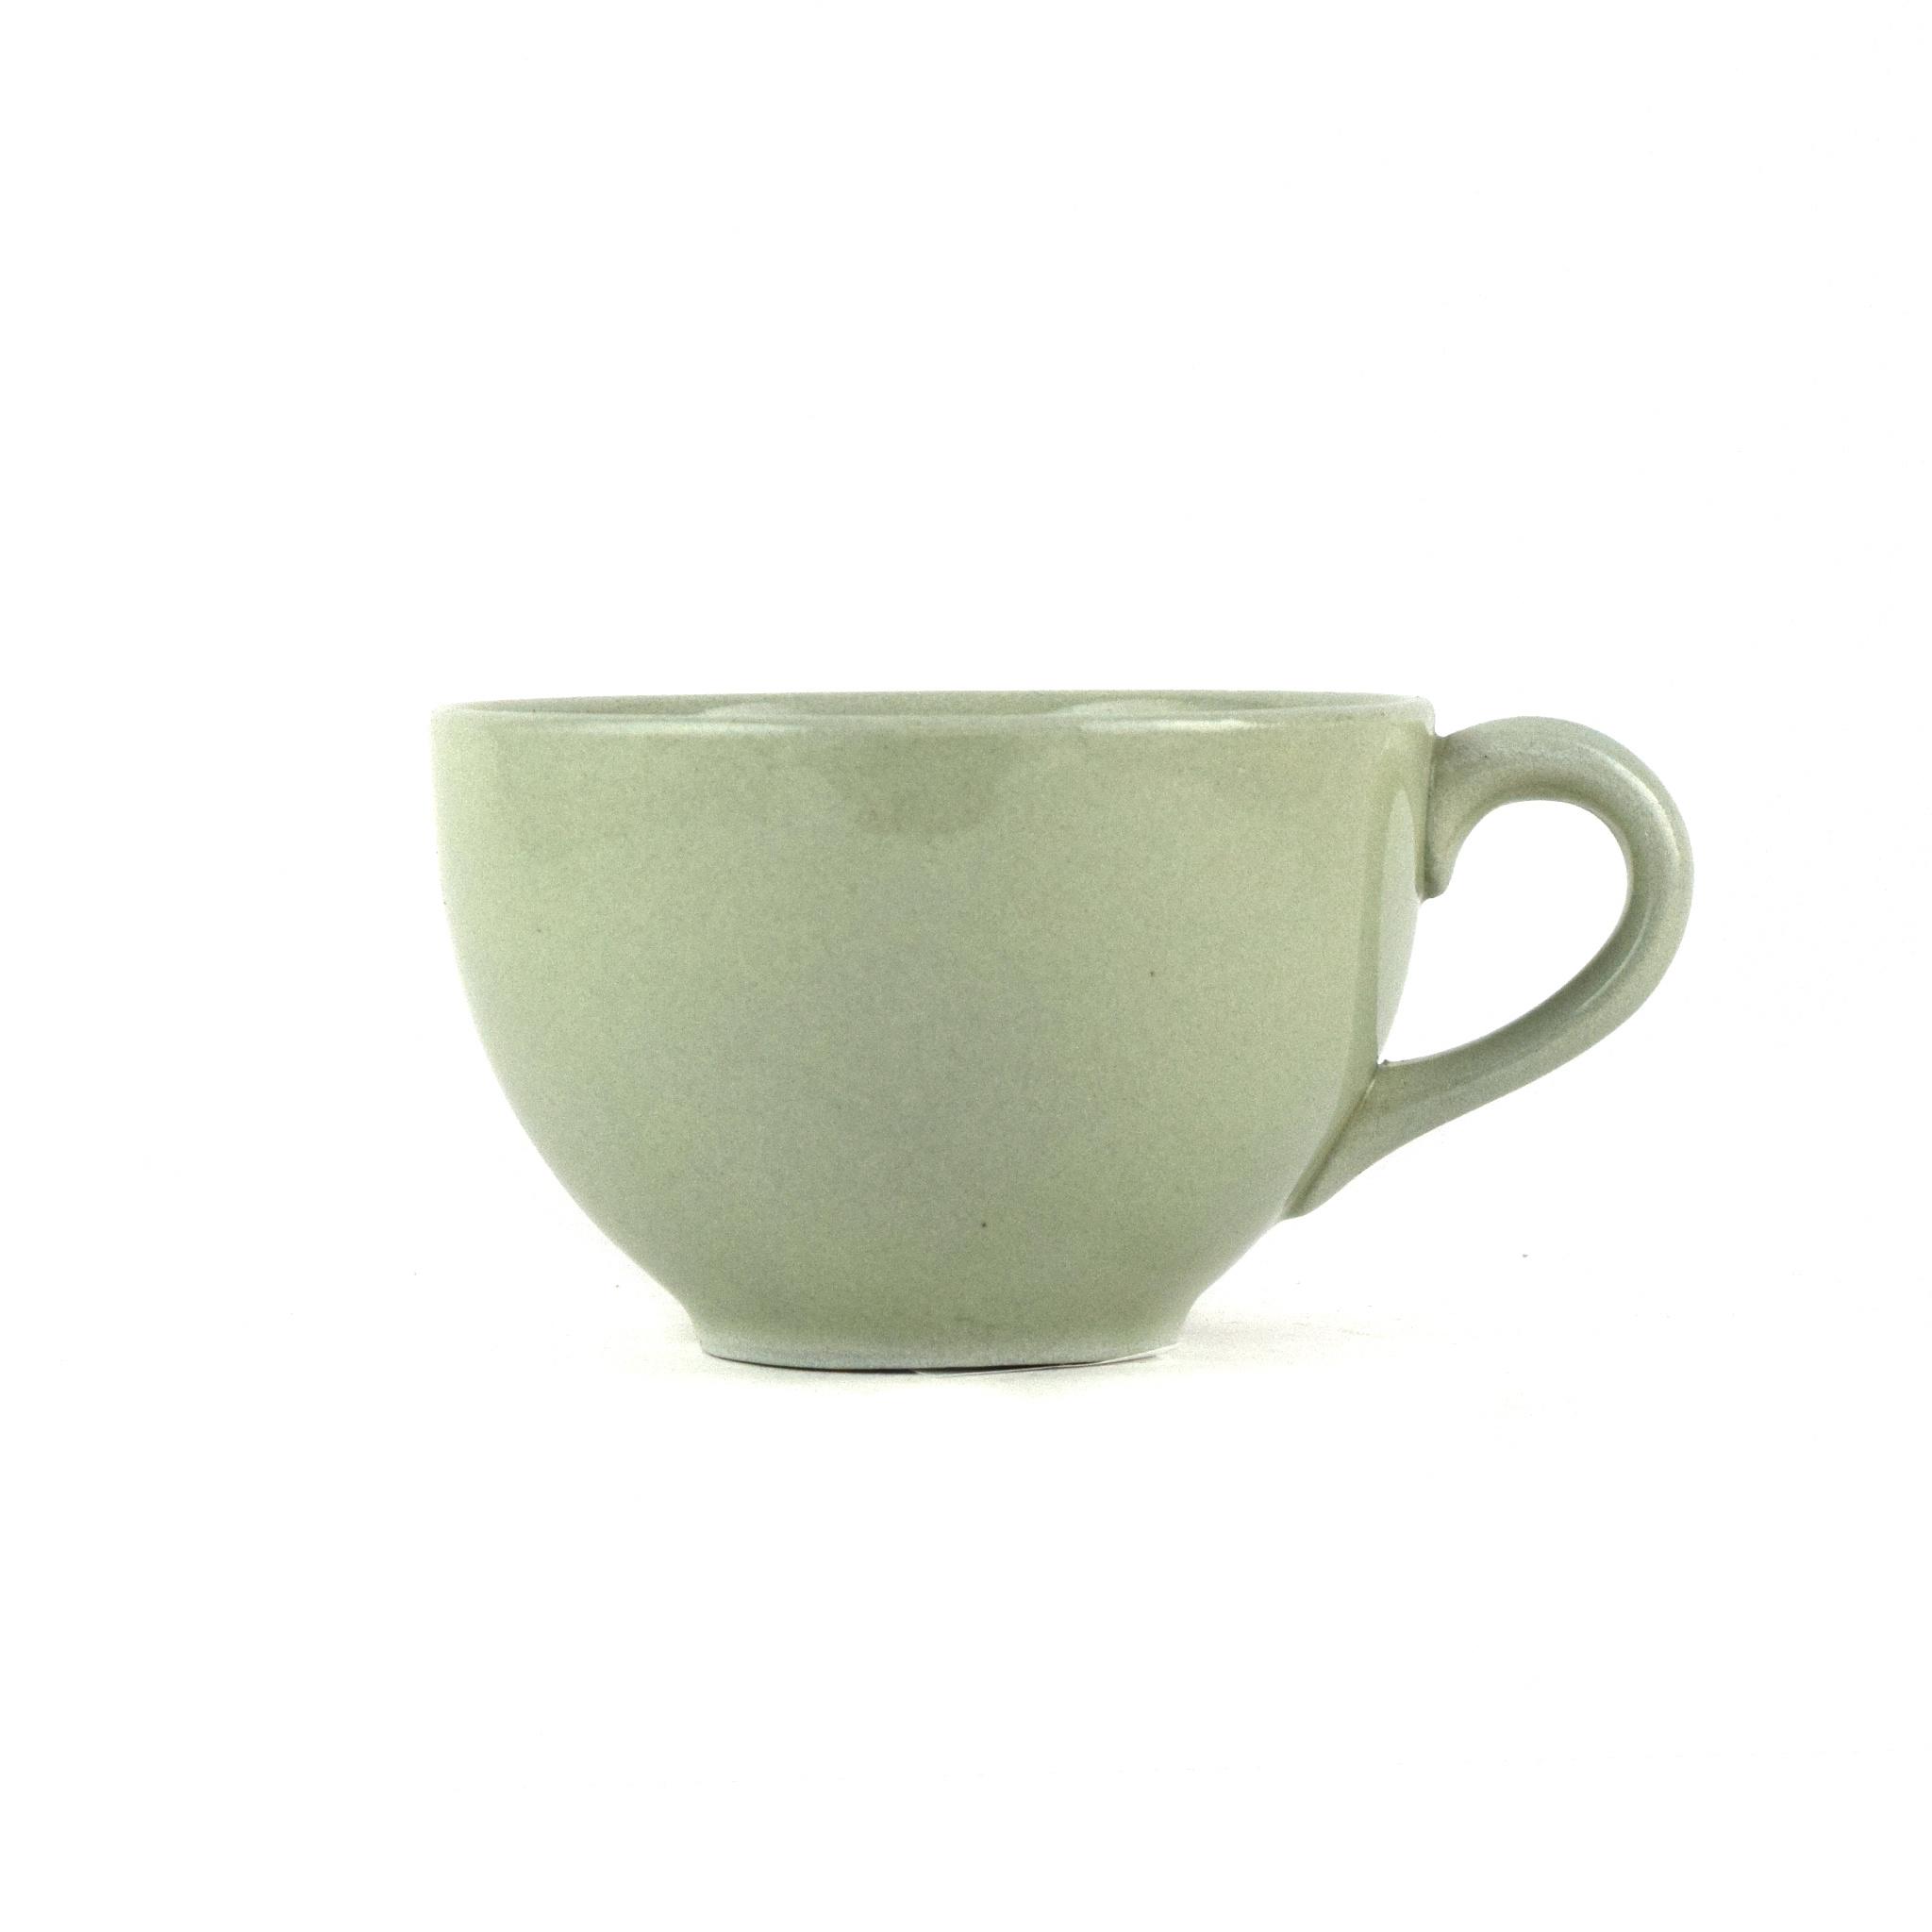 Hycroft Teacups